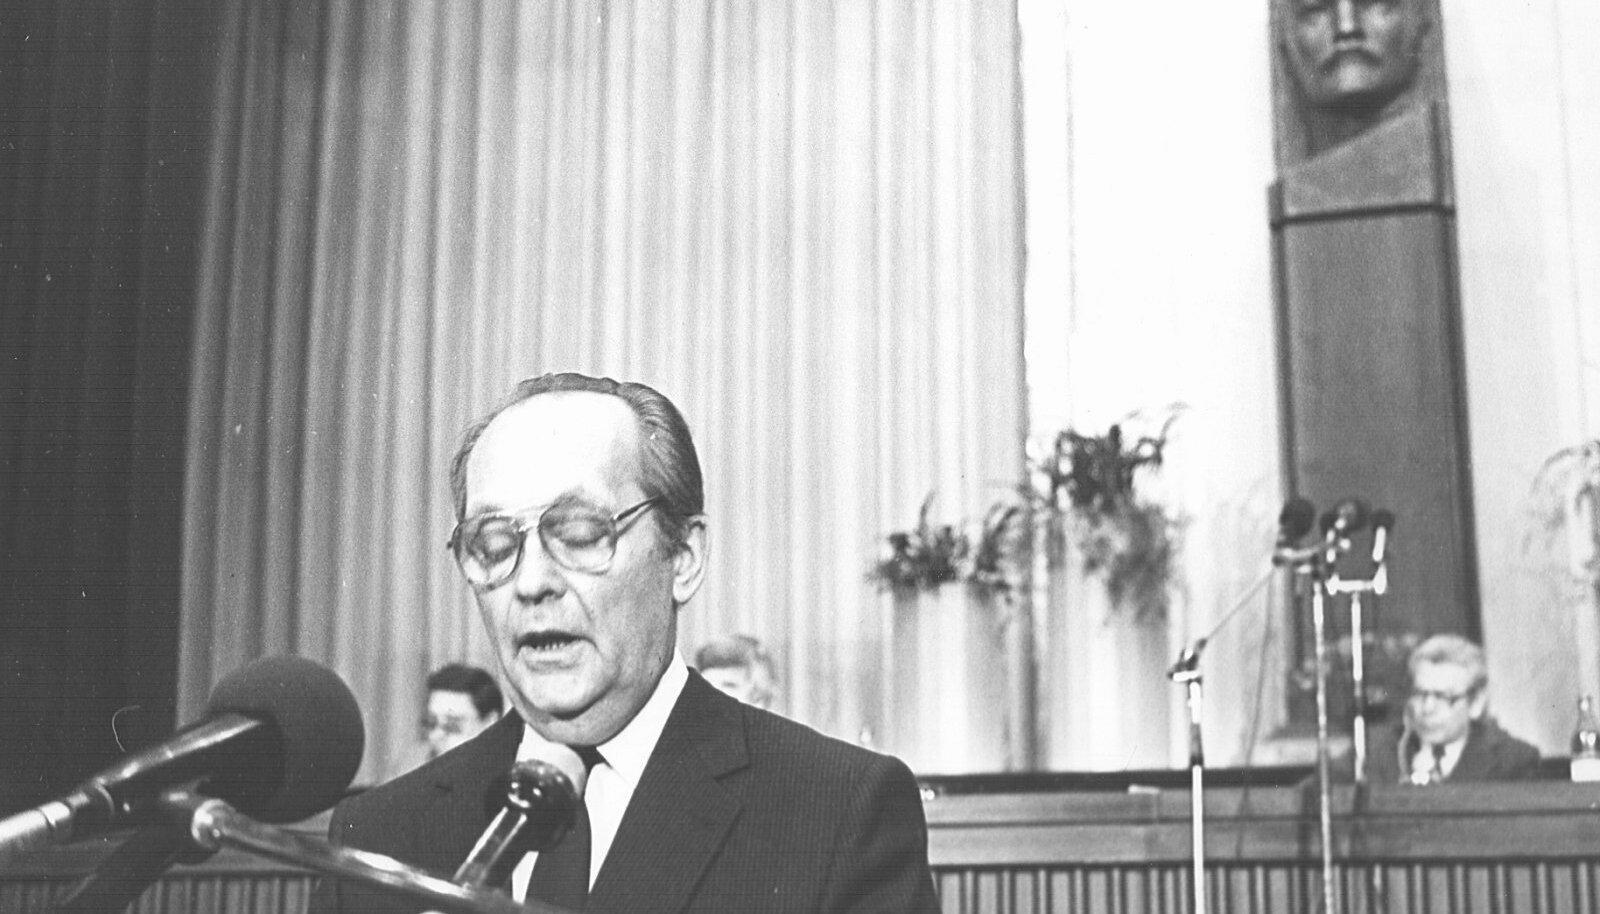 30 AASTAT TAGASI: Vaino Väljas EKP XX Kongressil 25. märtsil 1990.